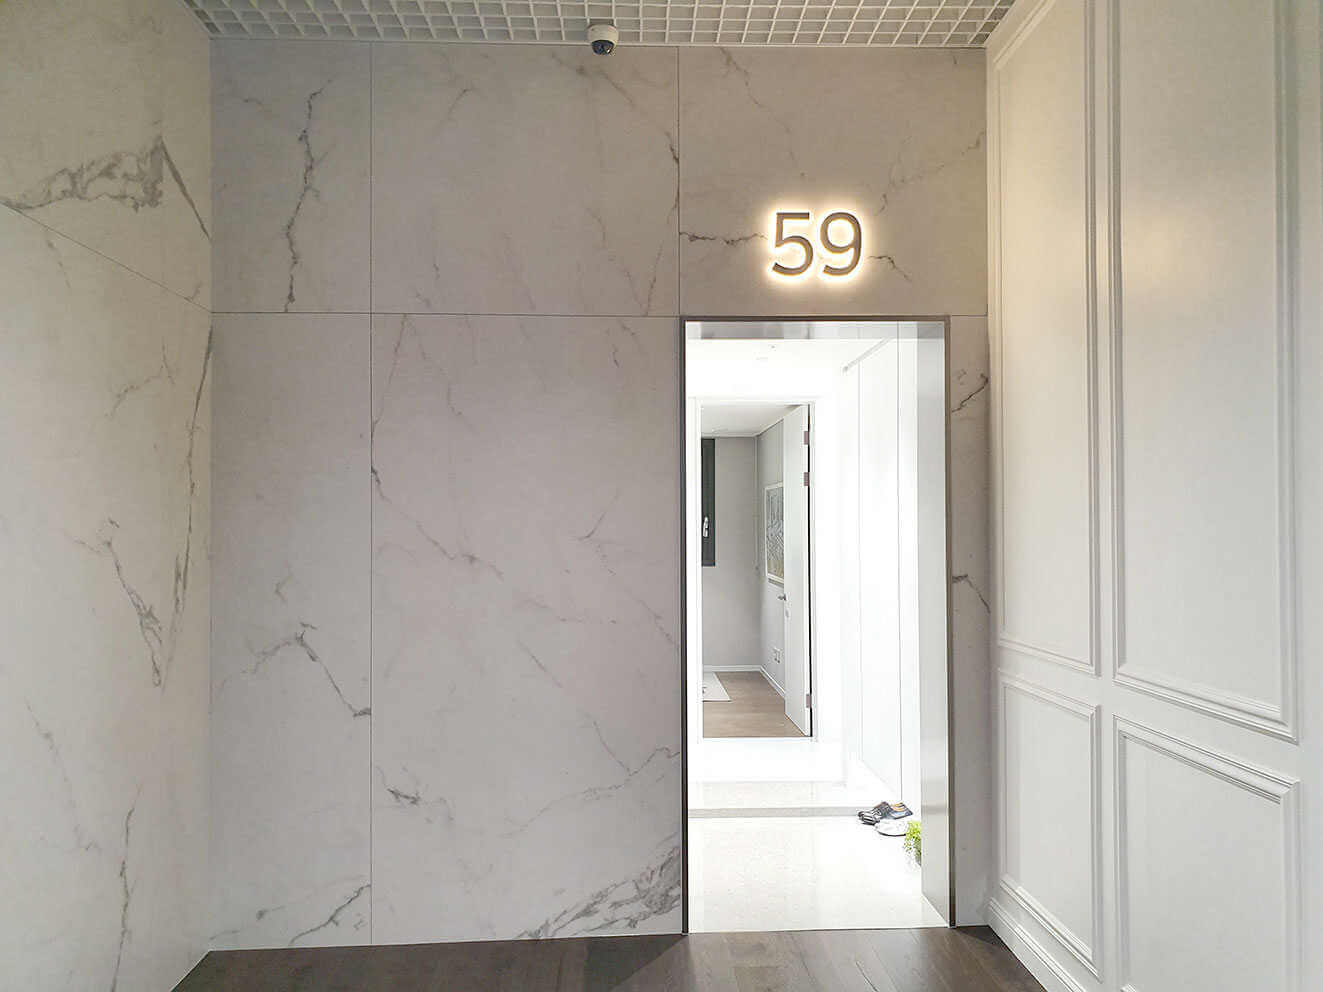 Edificio Lujo Coverlam Grespania 11 | Apartamento 3 De Lujo. Edificio De Viviendas, Seul